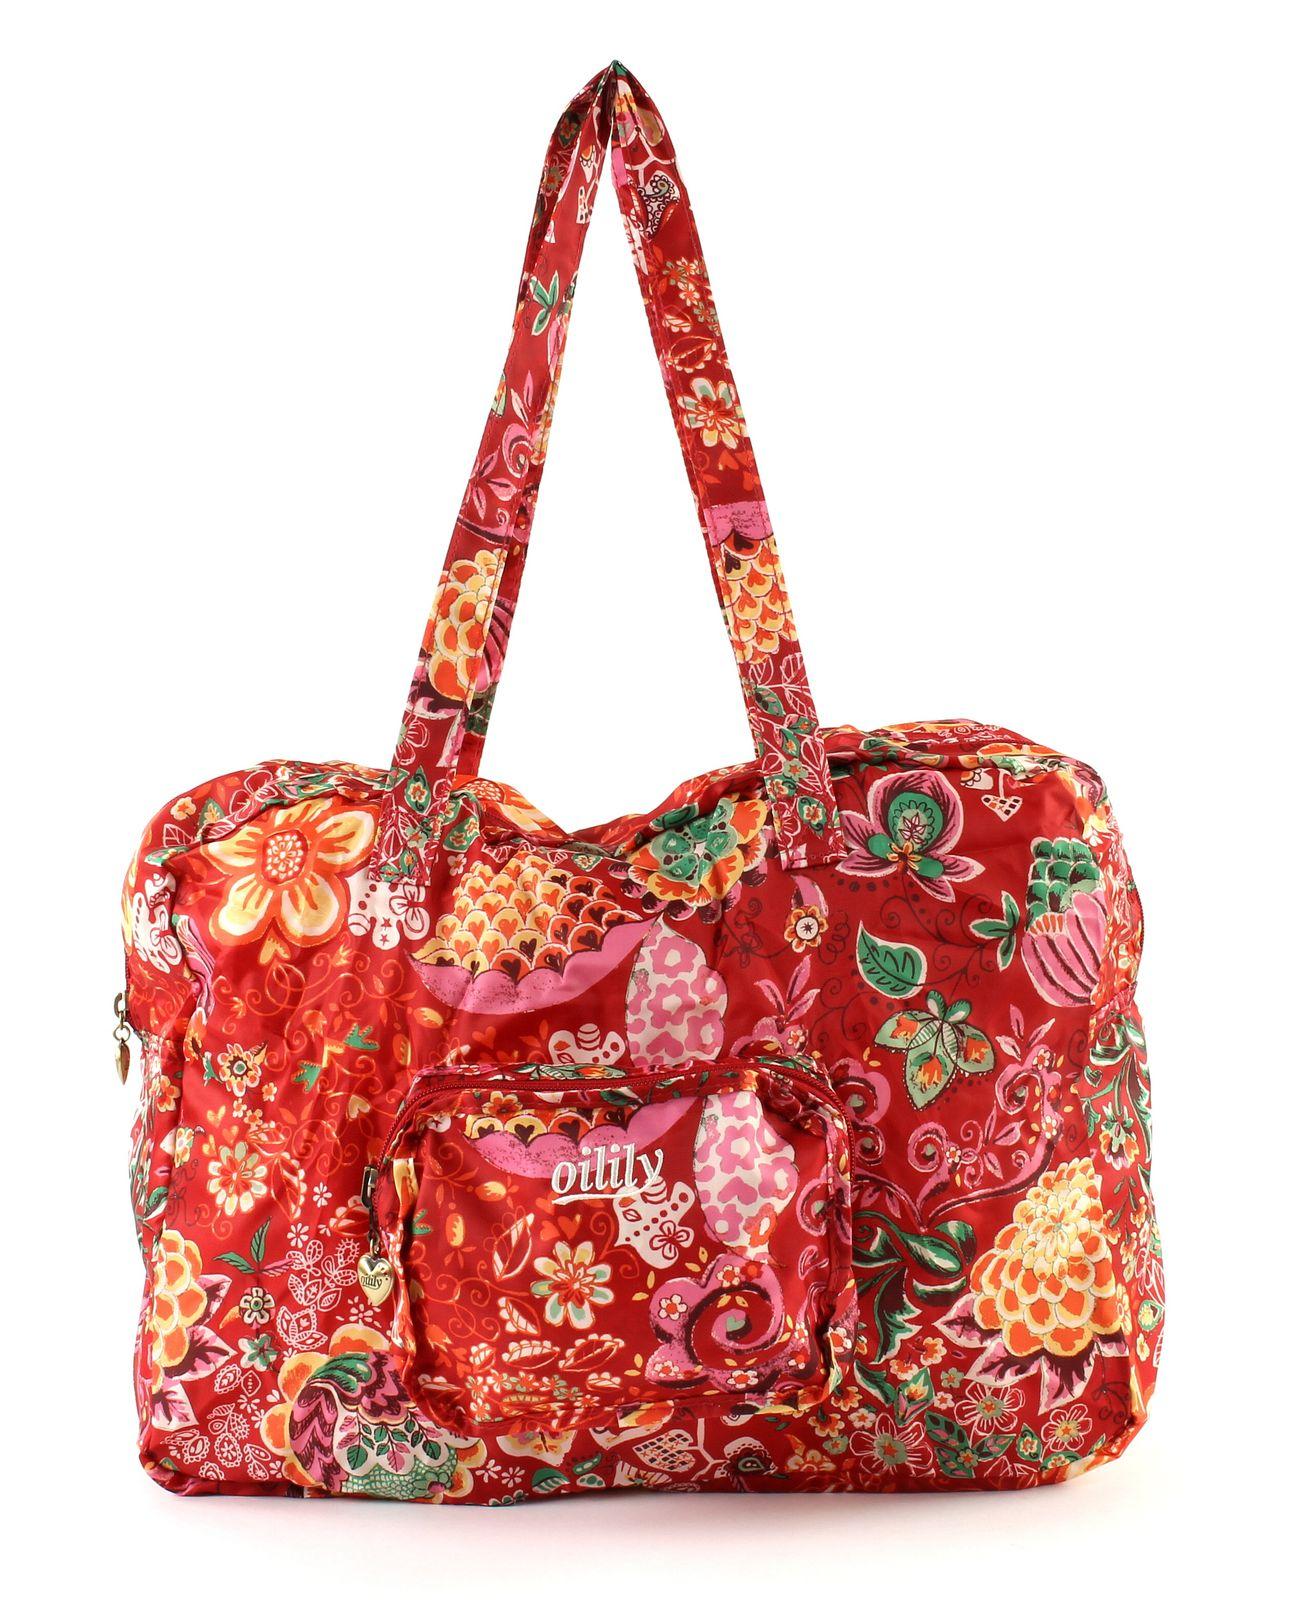 Oilily Folding Shopper Tasche Handtasche Rot Cherry